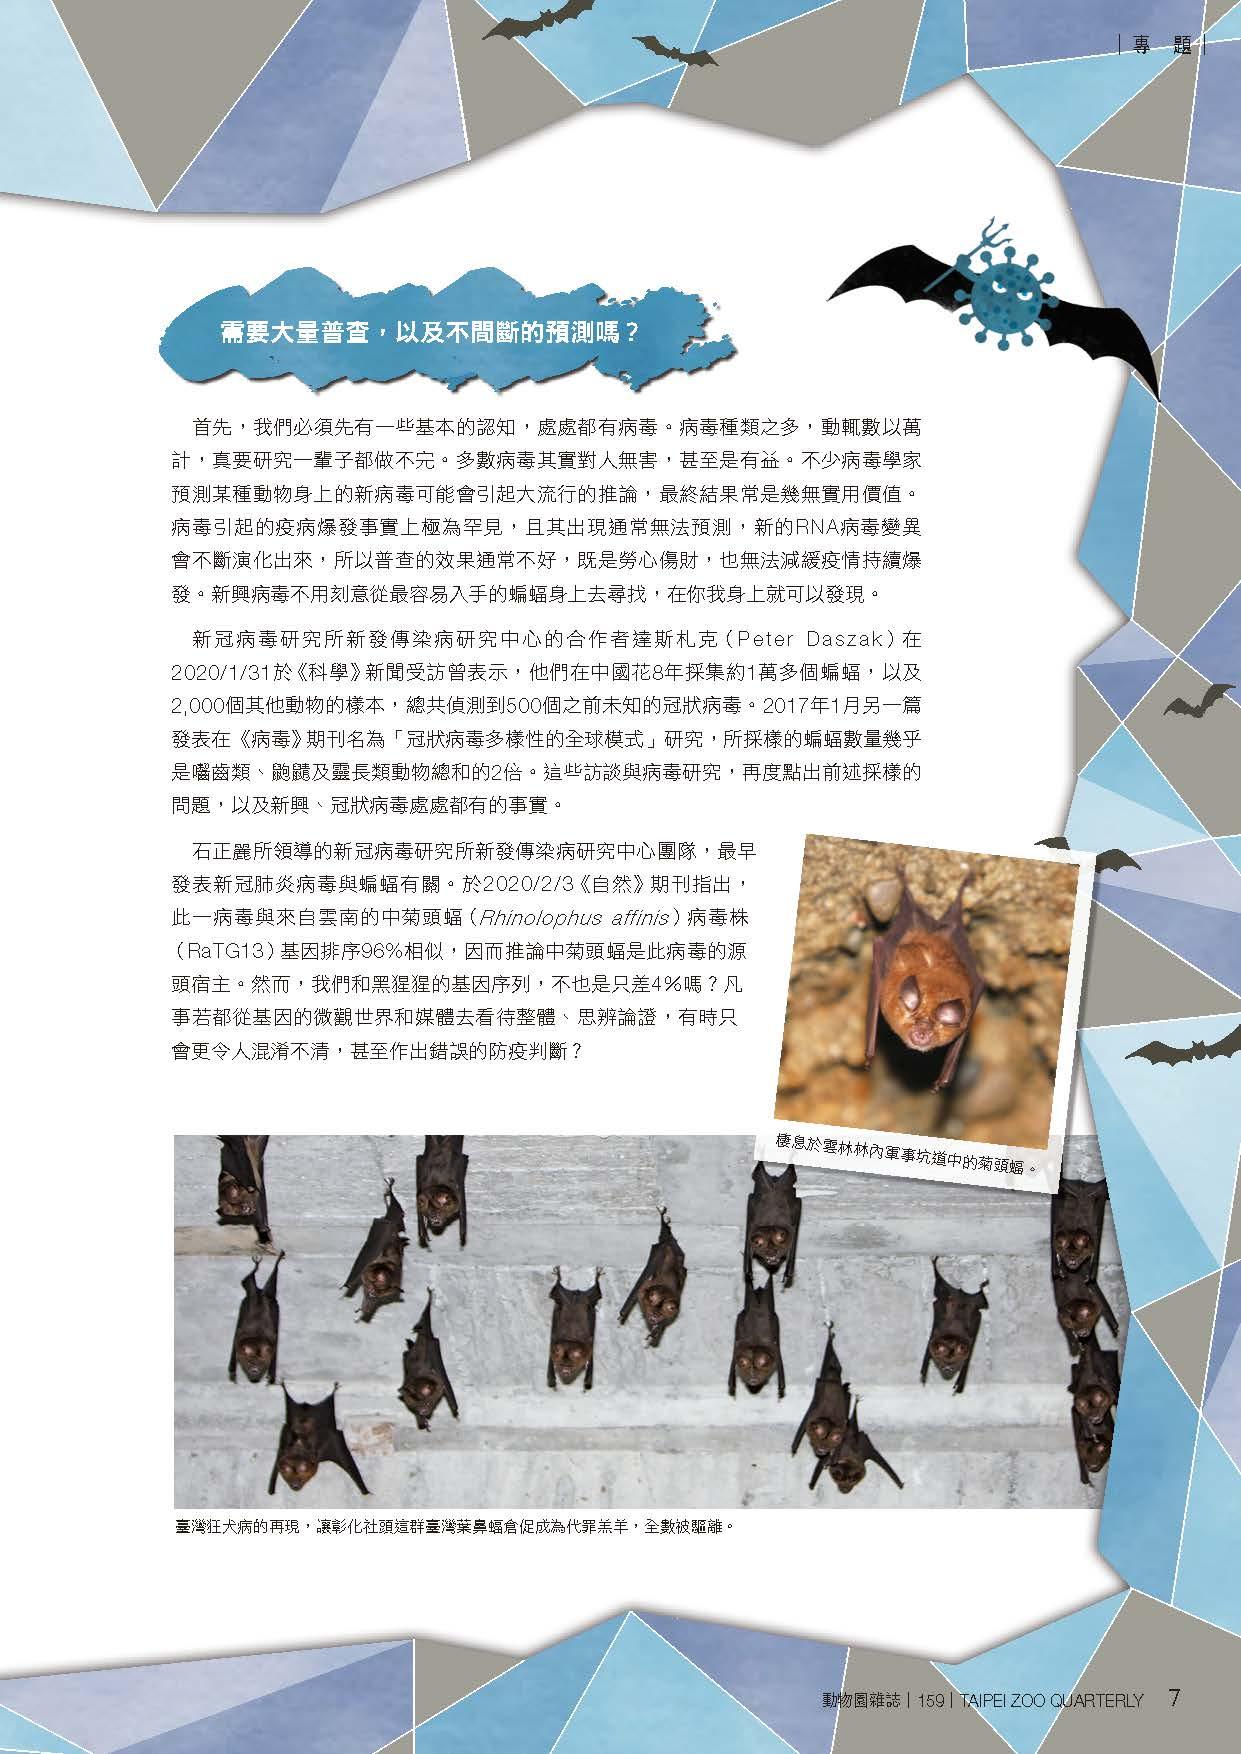 4張恒嘉。2020。蝠兮-蝙蝠病毒與人。動物園雜誌,159期,頁-。 - 複製 (4).jpg